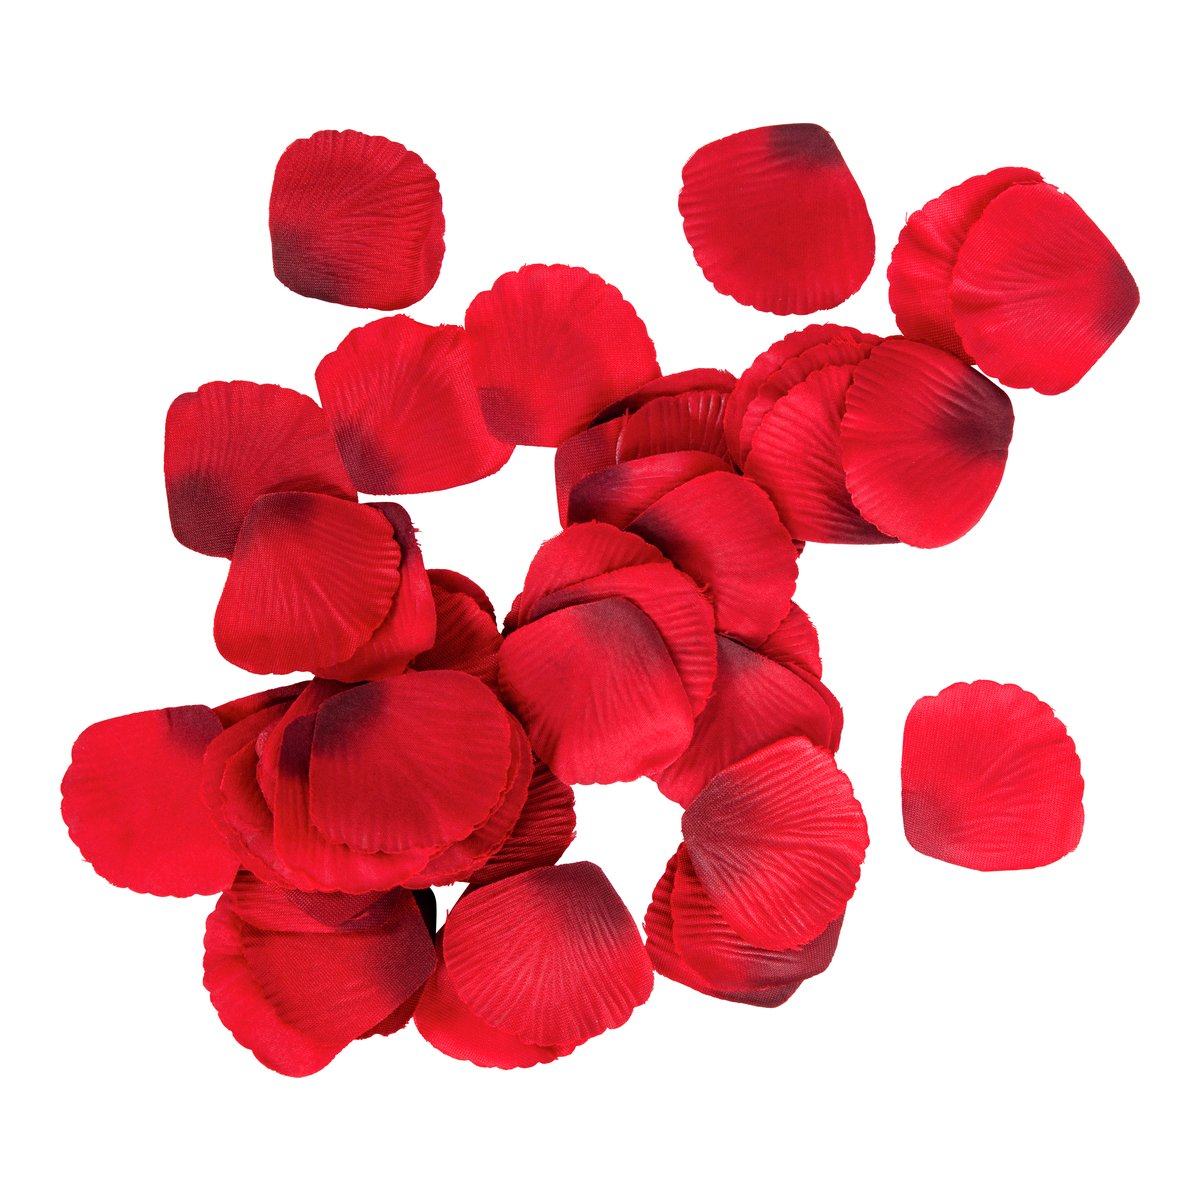 Roseblader-DEK891